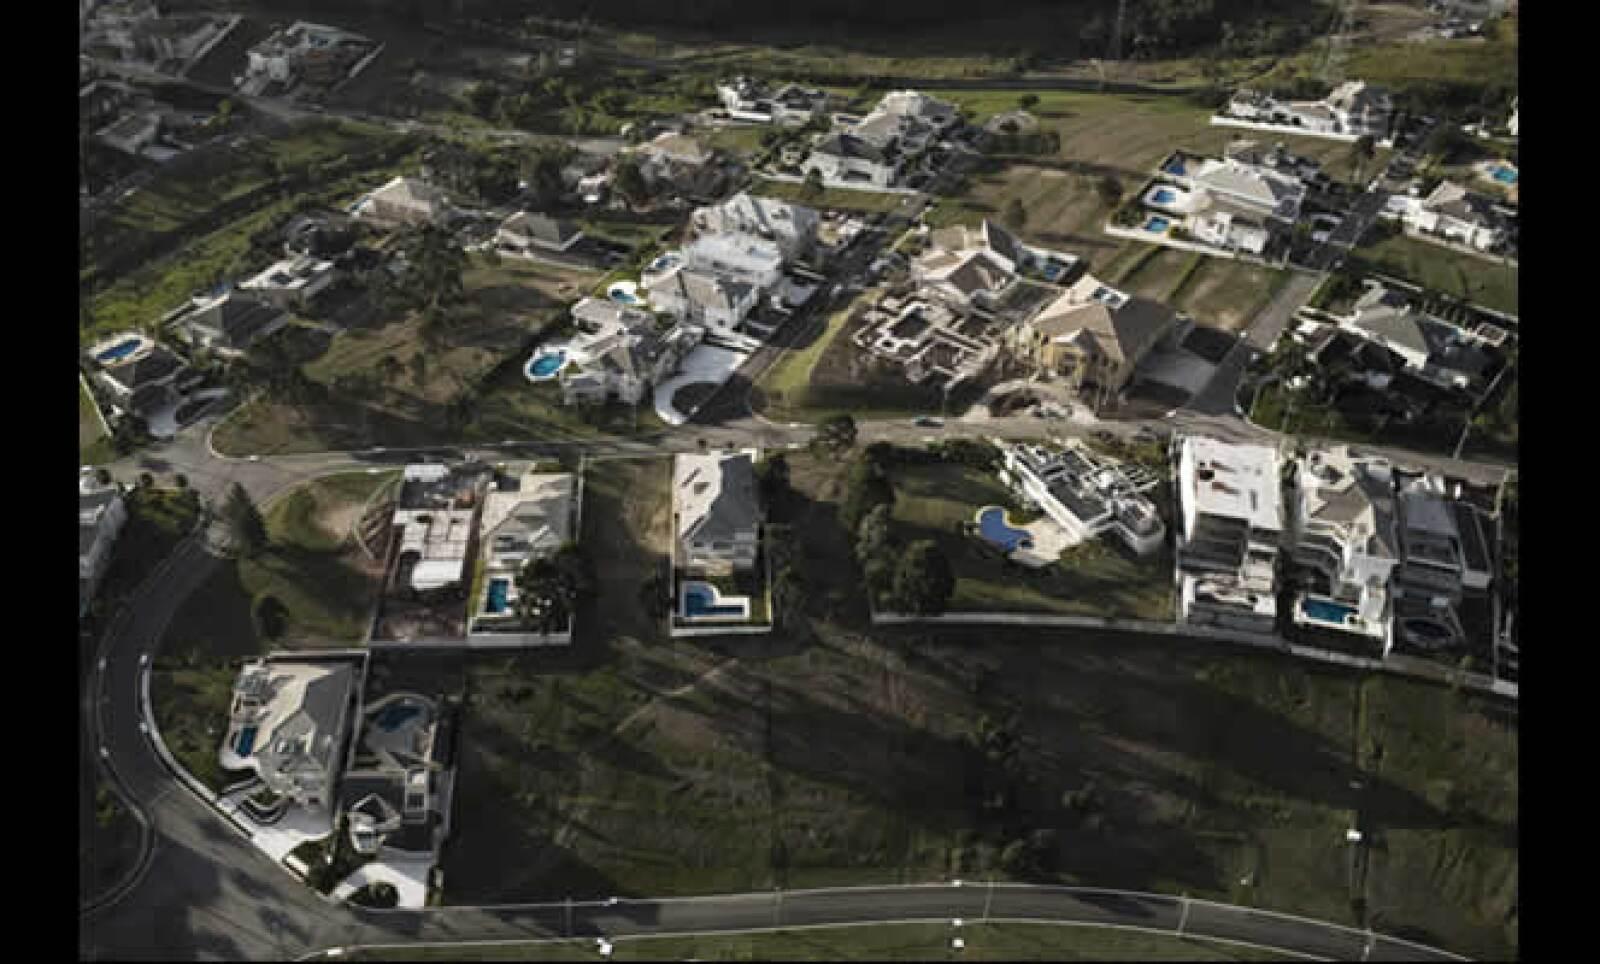 En el poniente de la ciudad, las mansiones que van desde 2.2 a 10 MDD, cubren el paisaje. Los desarrollos responden a una gran demanda de vivienda lejos del desastre urbano. Alphaville es un coto privado que concentra 1,100 personas y está construido sobr